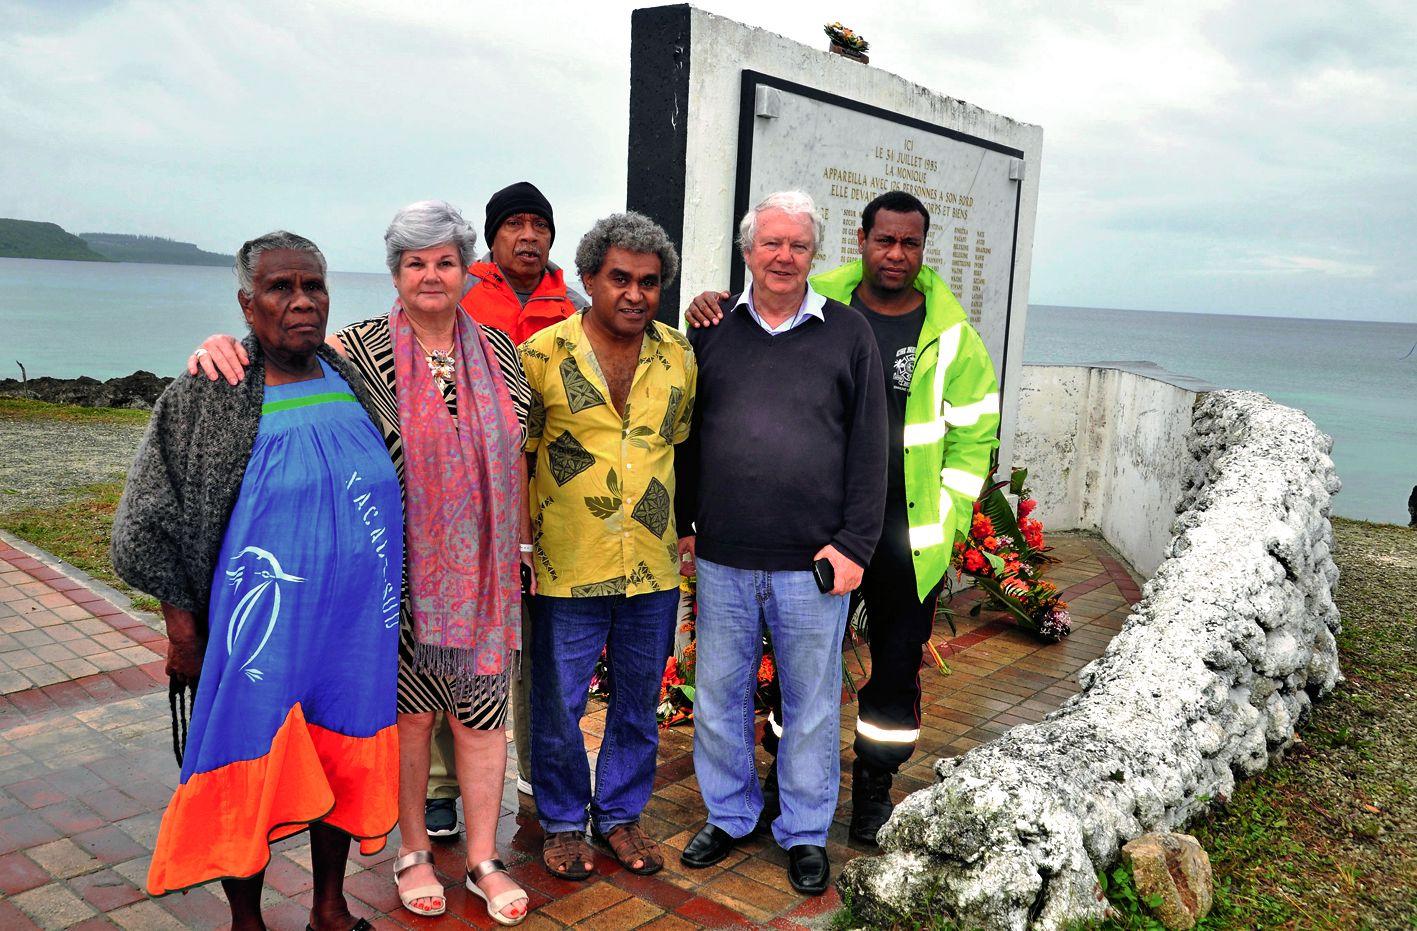 La matinée de mardi a commencé par un dépôt de gerbes au pied de la stèle commémorative. Un représentant de la grande chefferie de Tadine accompagnait les familles Cimutru et Yongomene qui ont perdu des parents lors du naufrage de la Monique.